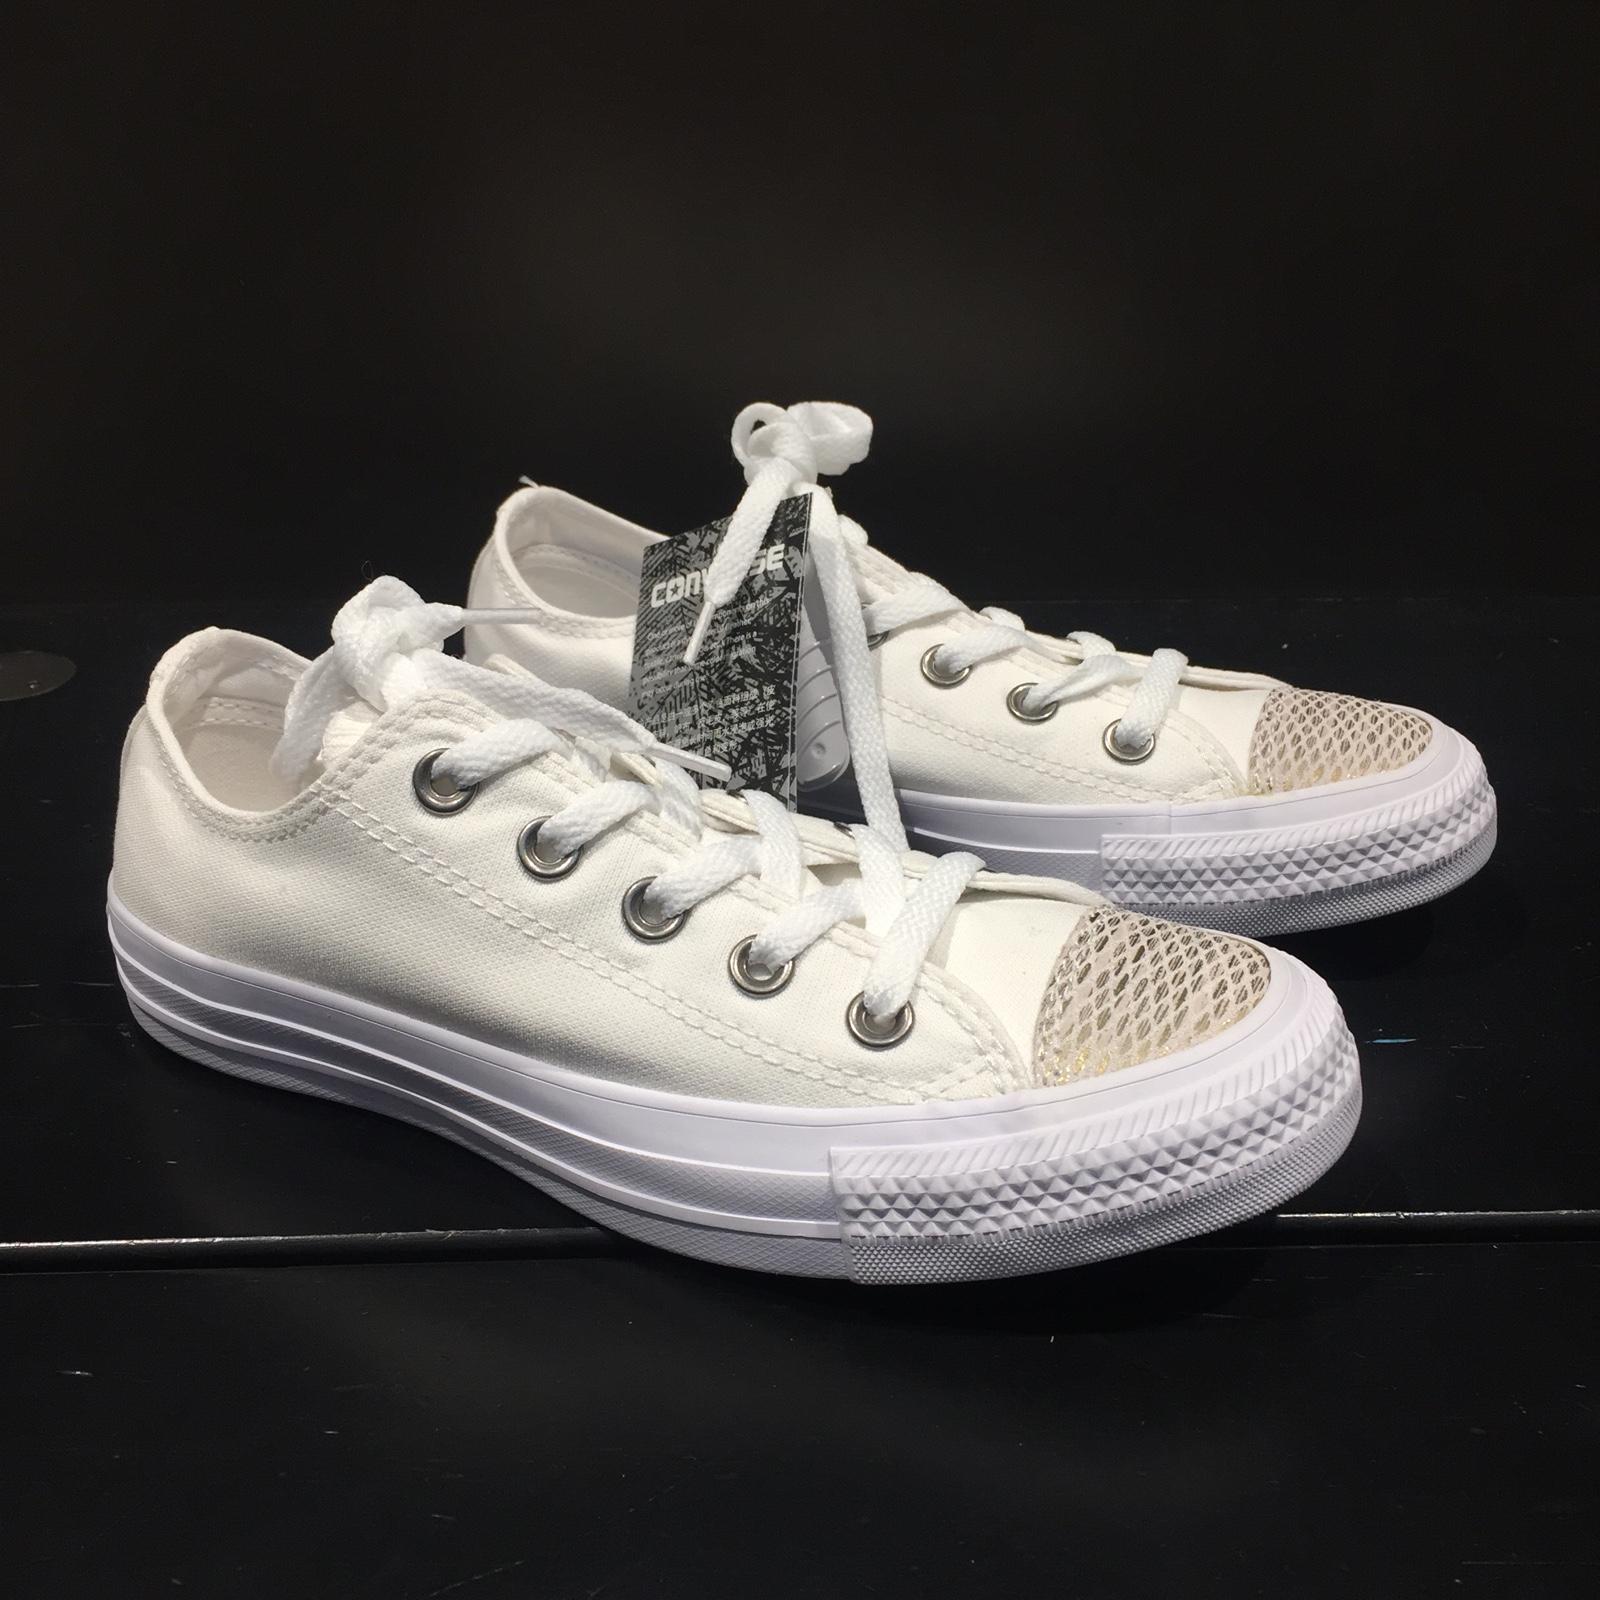 匡威新款帆布鞋 Converse匡威女鞋新款运动鞋耐磨透气休闲鞋帆布鞋557985_推荐淘宝好看的女匡威新款帆布鞋